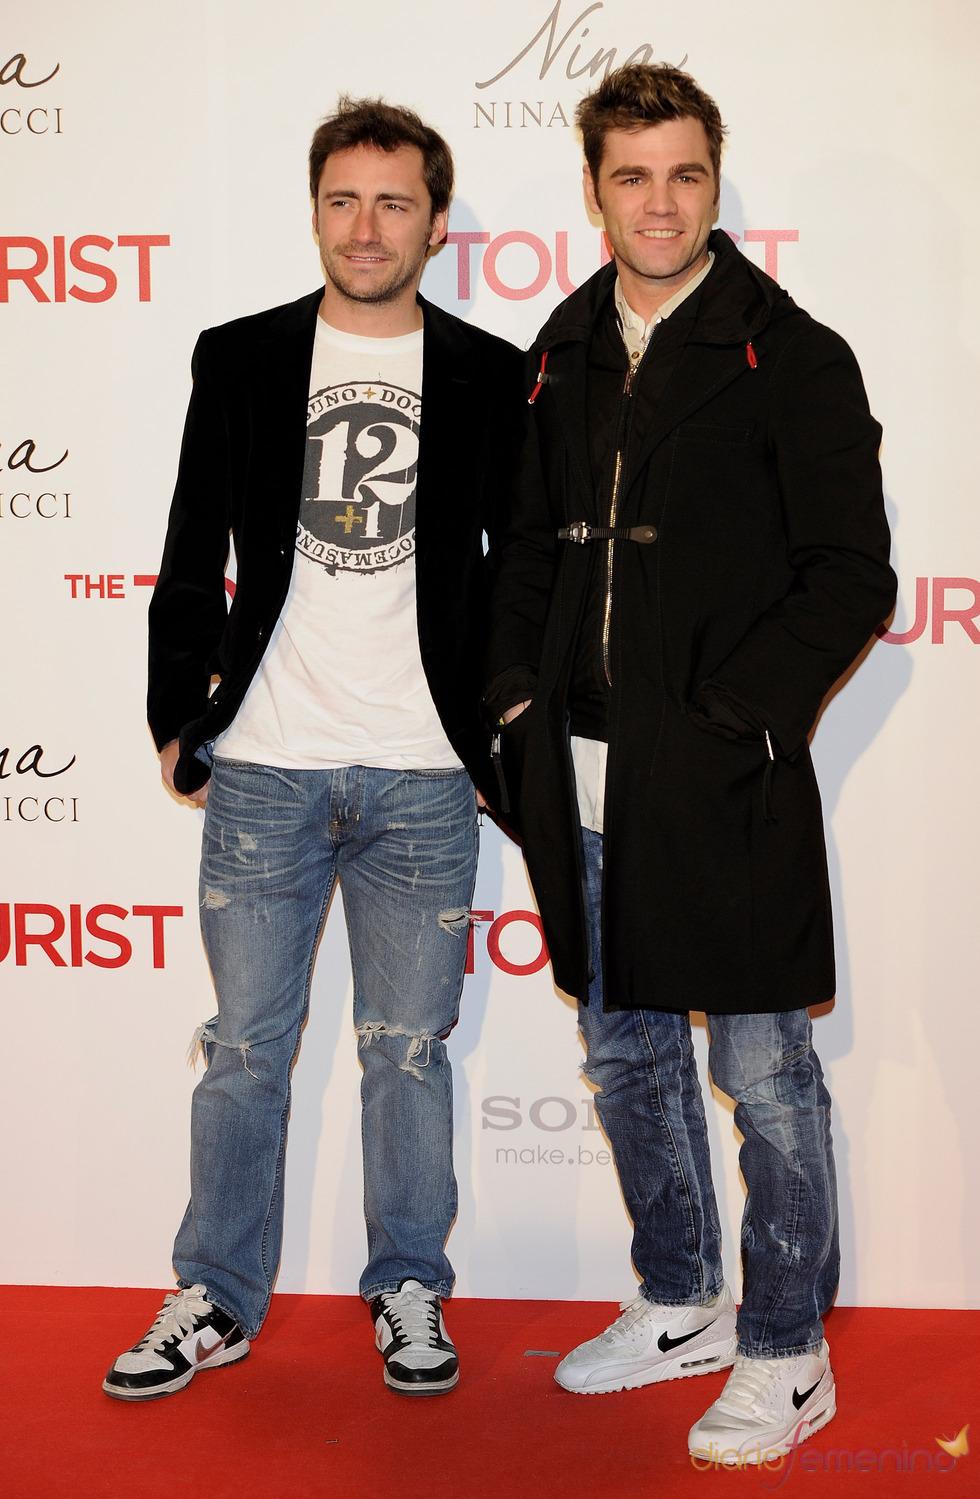 Gelete Nieto y Fonsi Nieto en la premiere de 'The Tourist' en Madrid